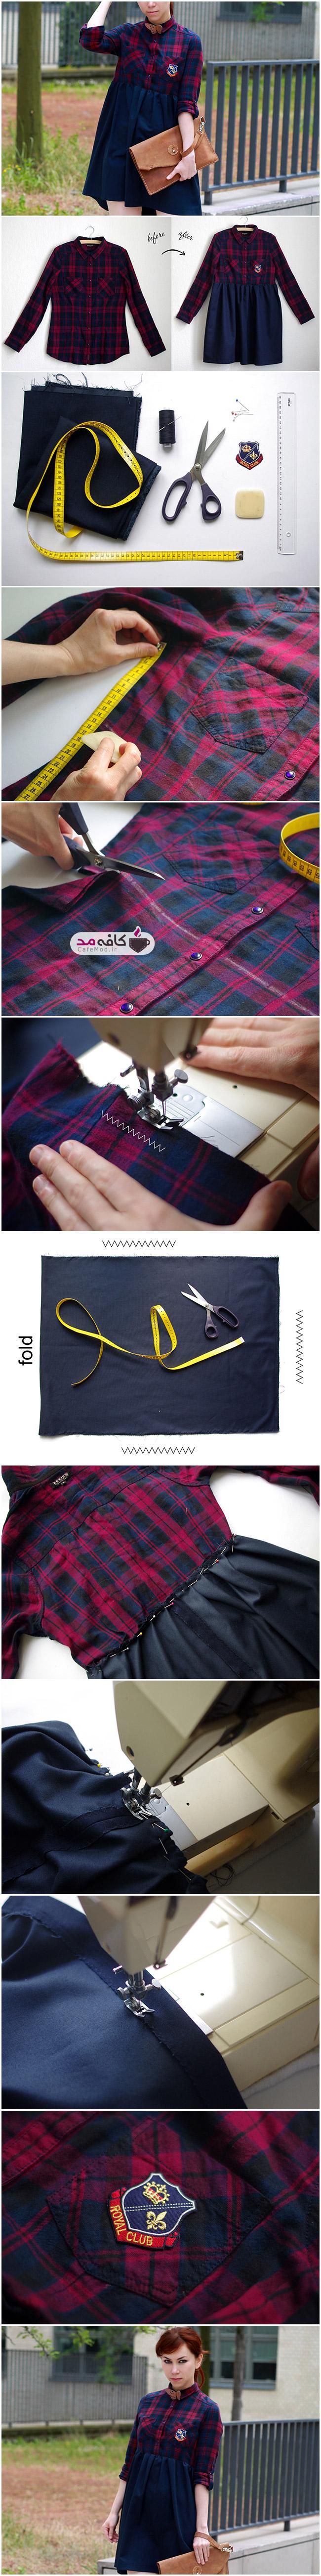 ایده ای برای دوخت لباس